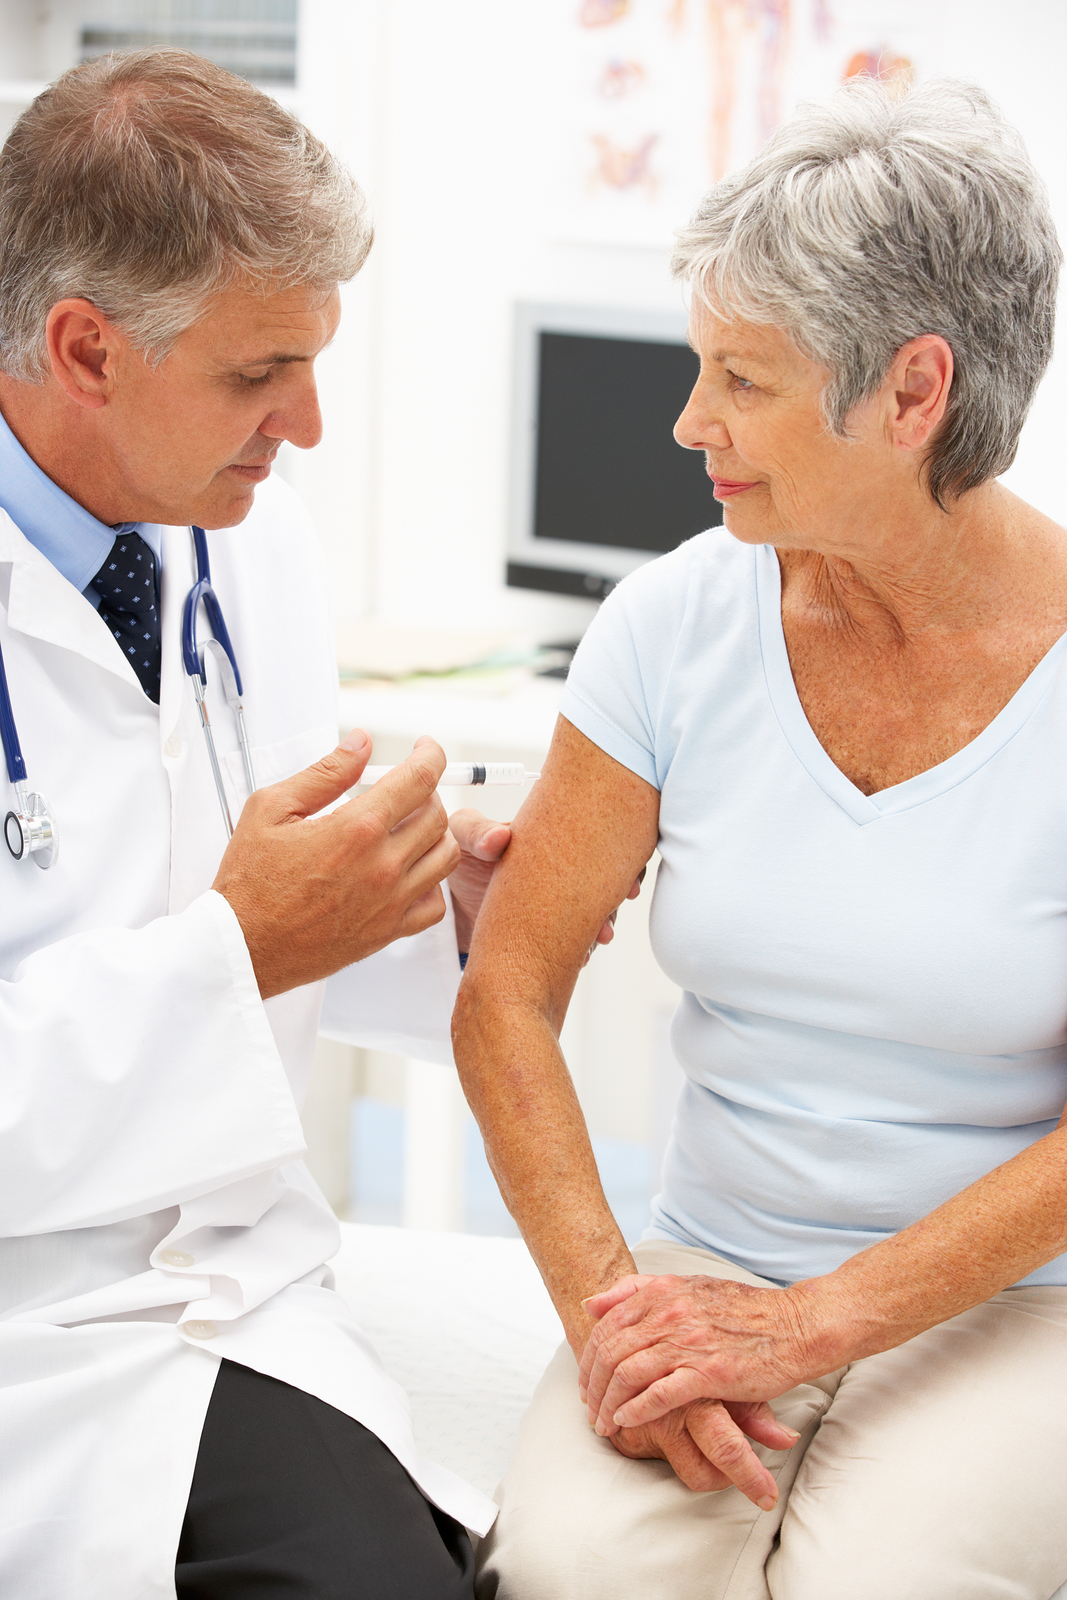 Doctor giving woman flu shot